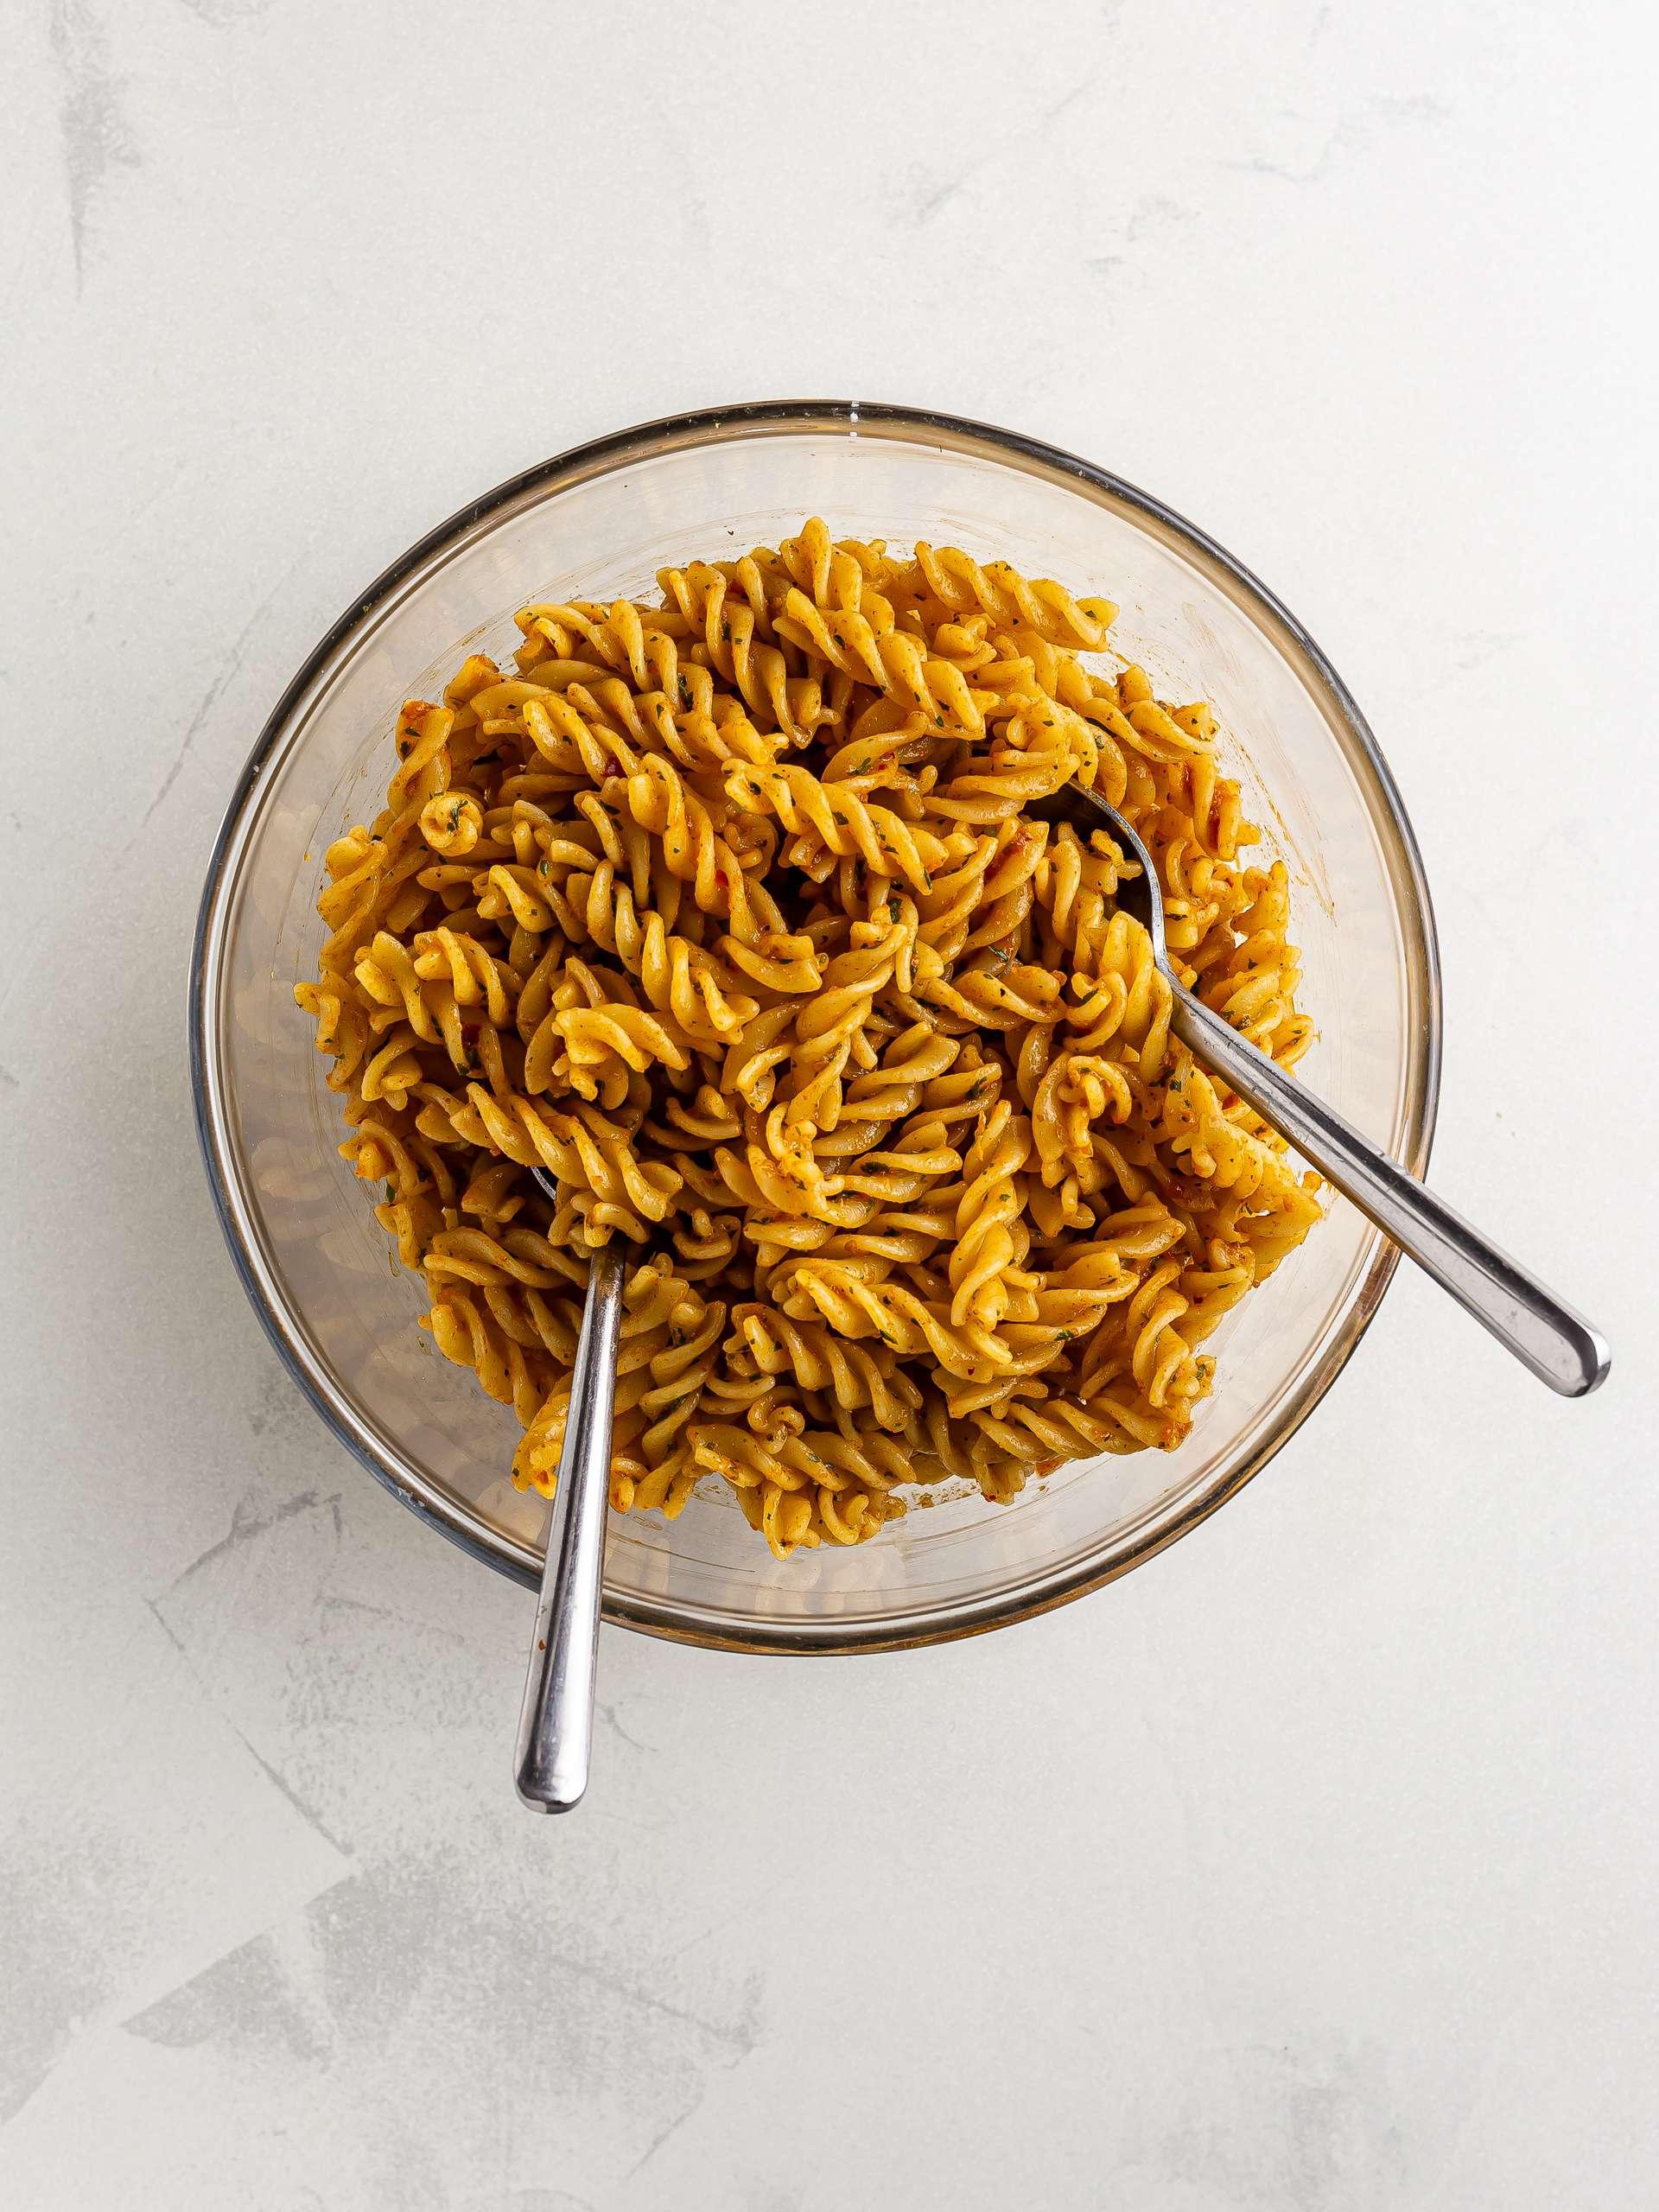 harissa pasta salad in a bowl